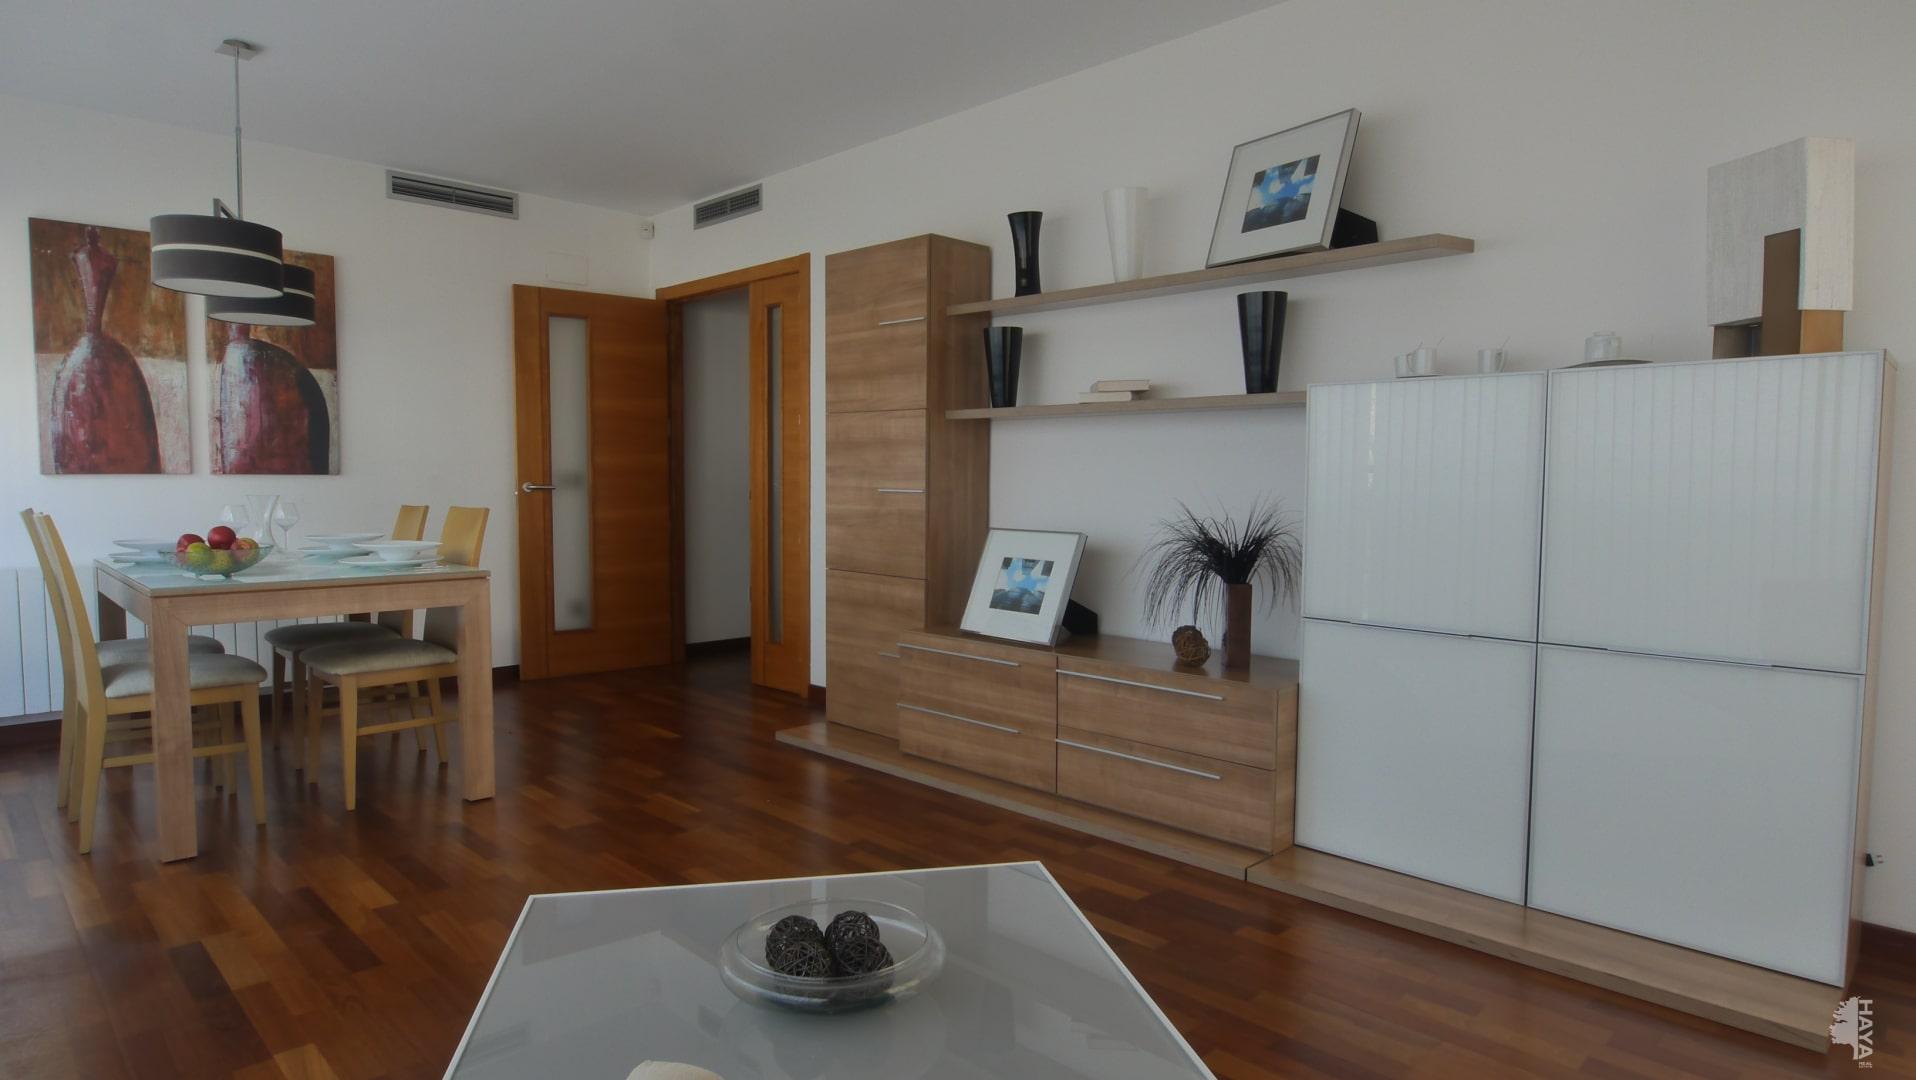 Piso en venta en Castellón de la Plana/castelló de la Plana, Castellón, Avenida Villarreal, 112.000 €, 1 habitación, 1 baño, 57 m2